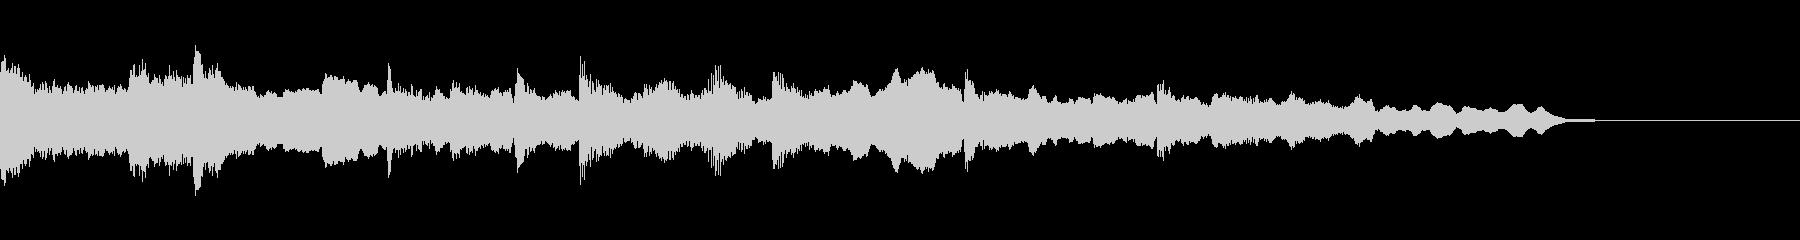 ピアノとチェロの短いBGM~後半~の未再生の波形